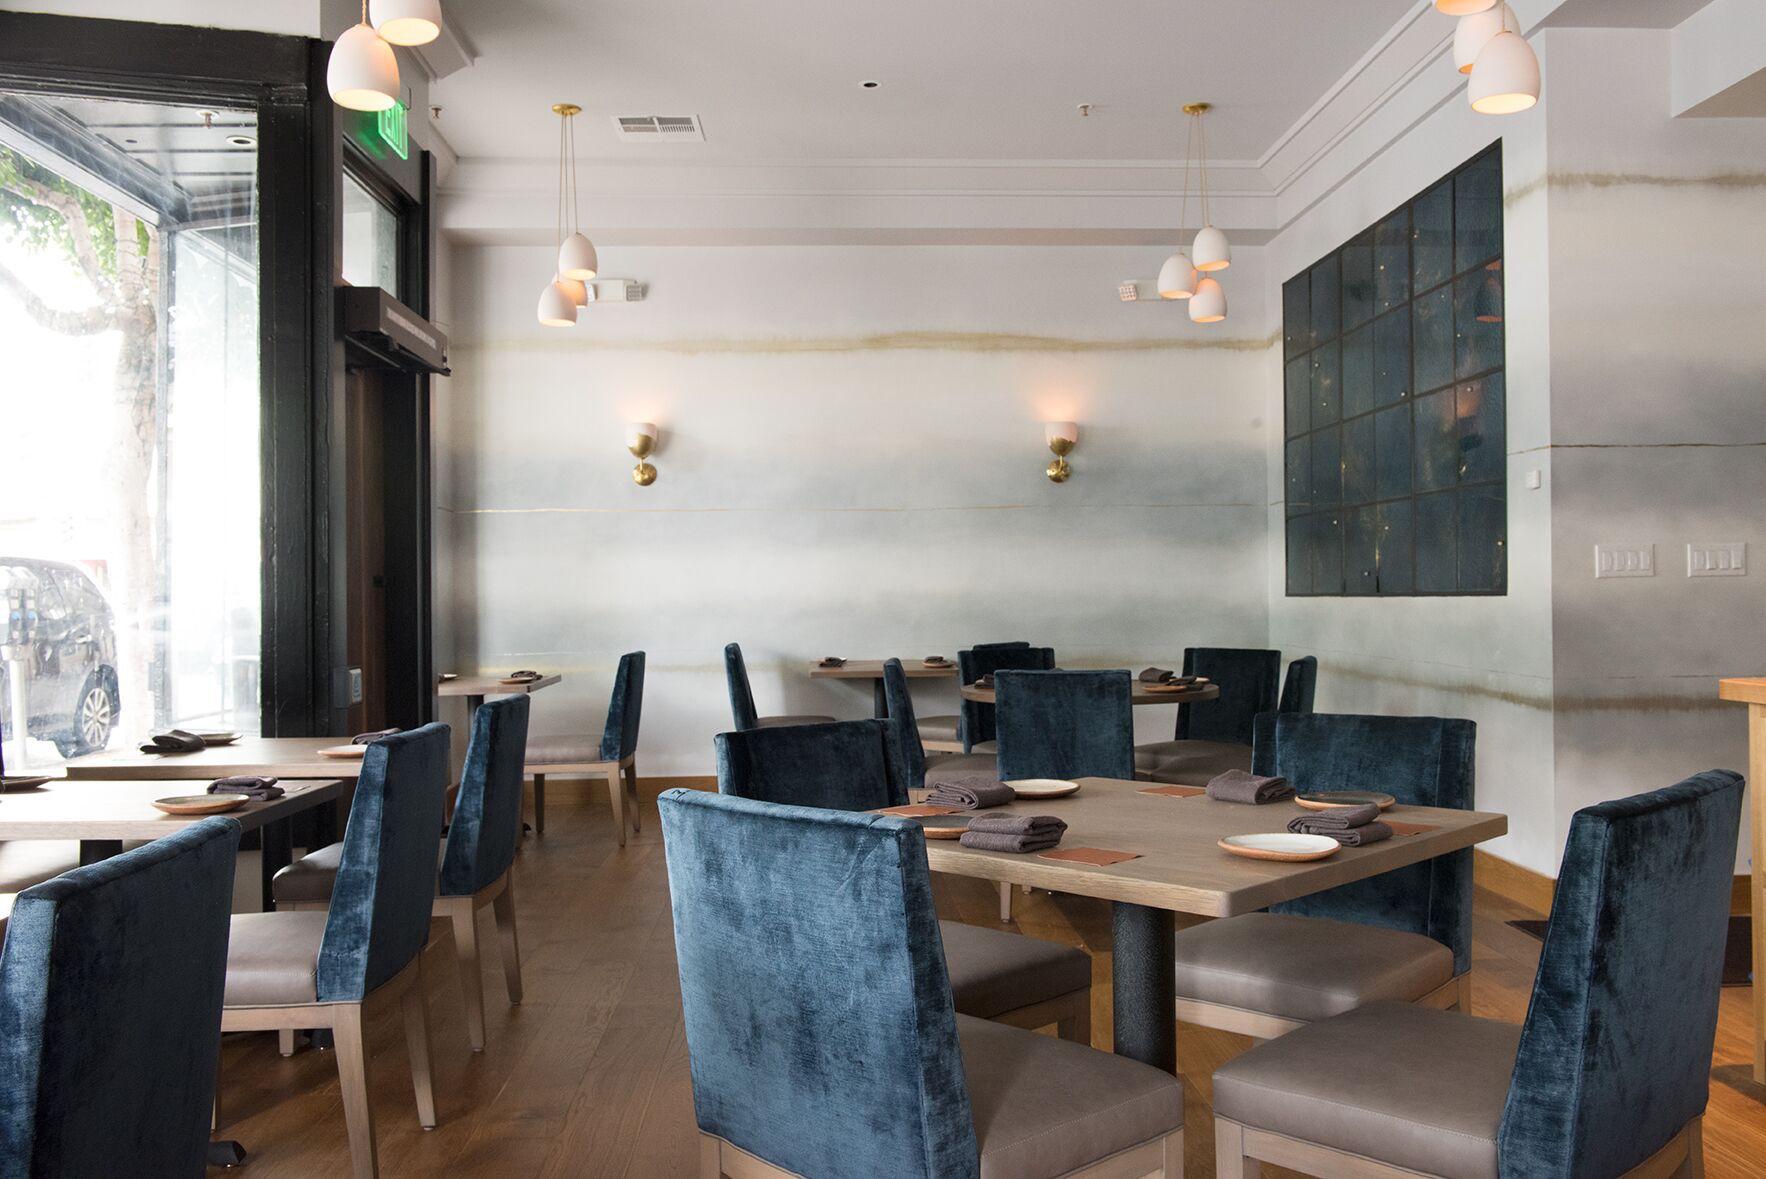 Nightbird's dining room